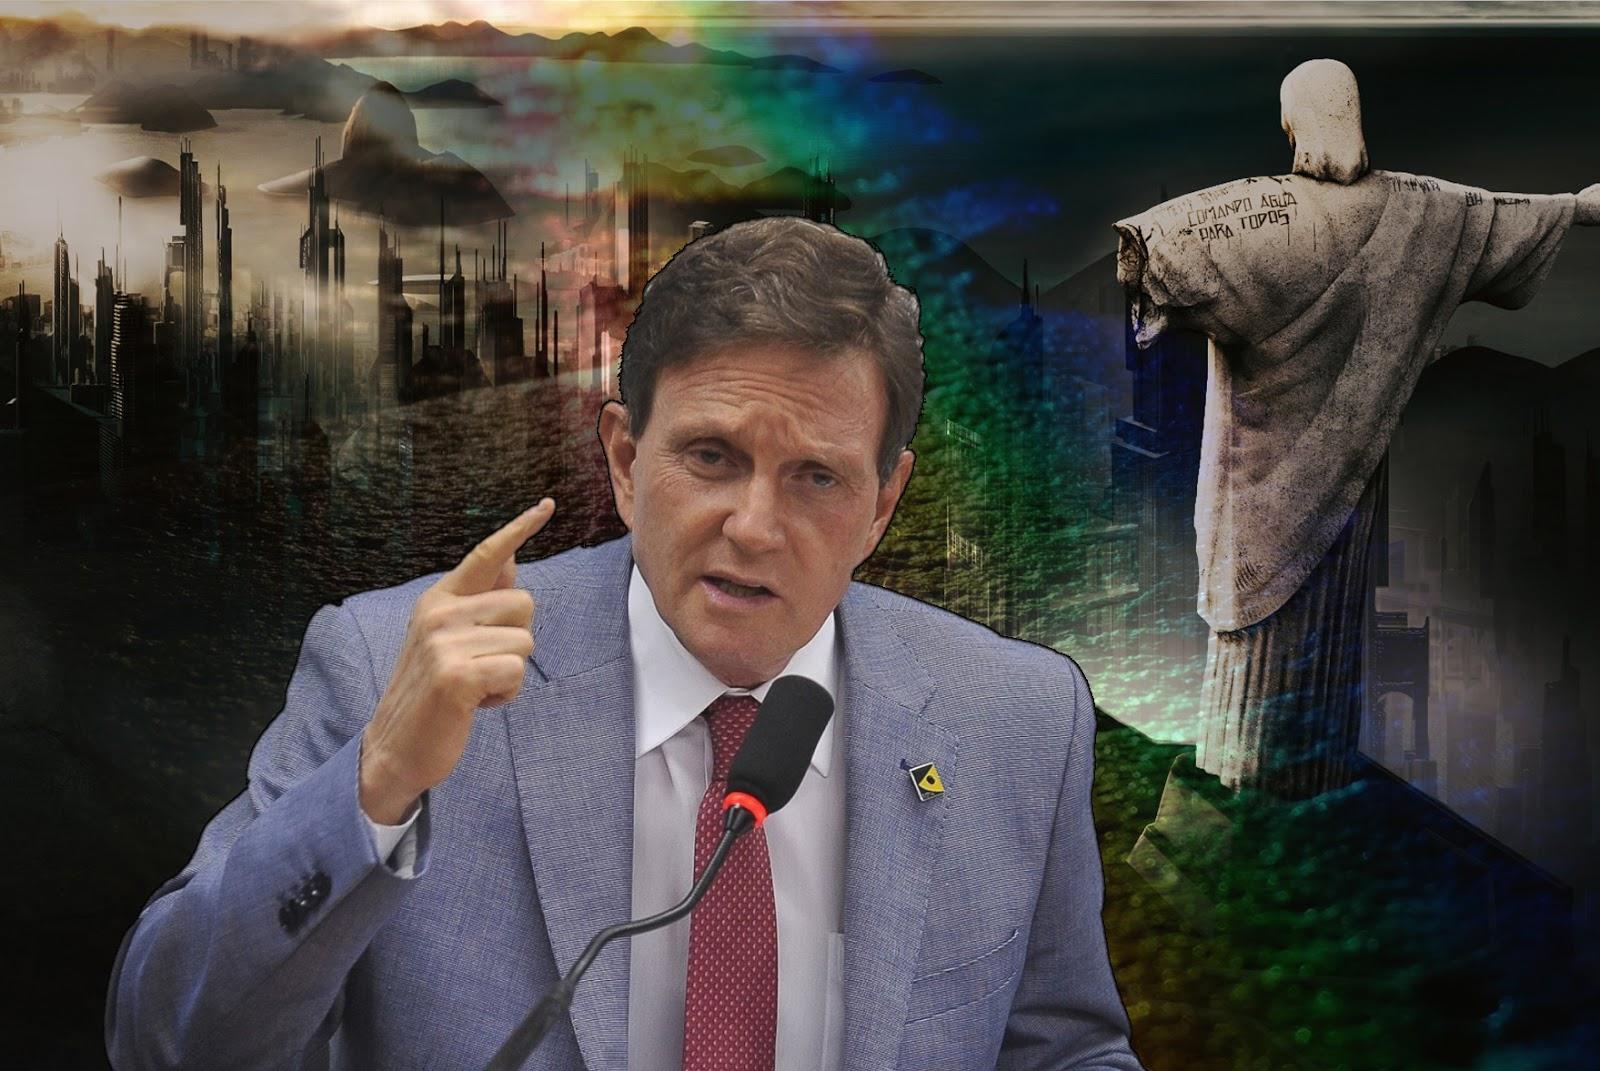 Melhor destino LGBT, Rio de Janeiro elegeu bispo da Universal como prefeito